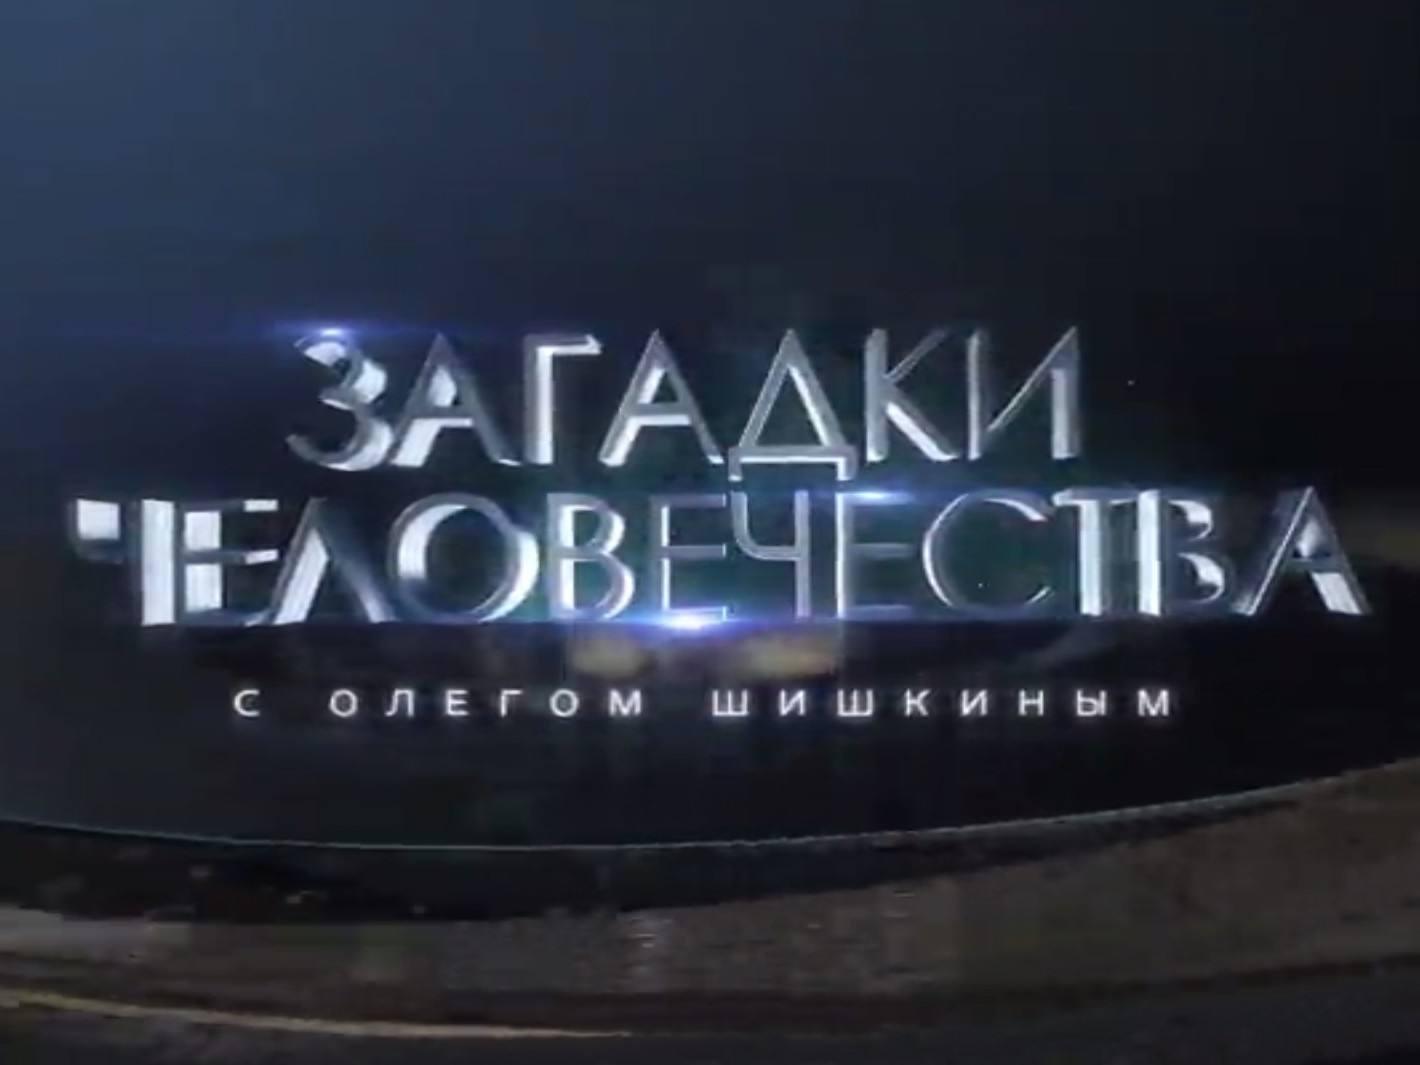 Загадки человечества с Олегом Шишкиным 379 серия в 23:30 на канале РЕН ТВ